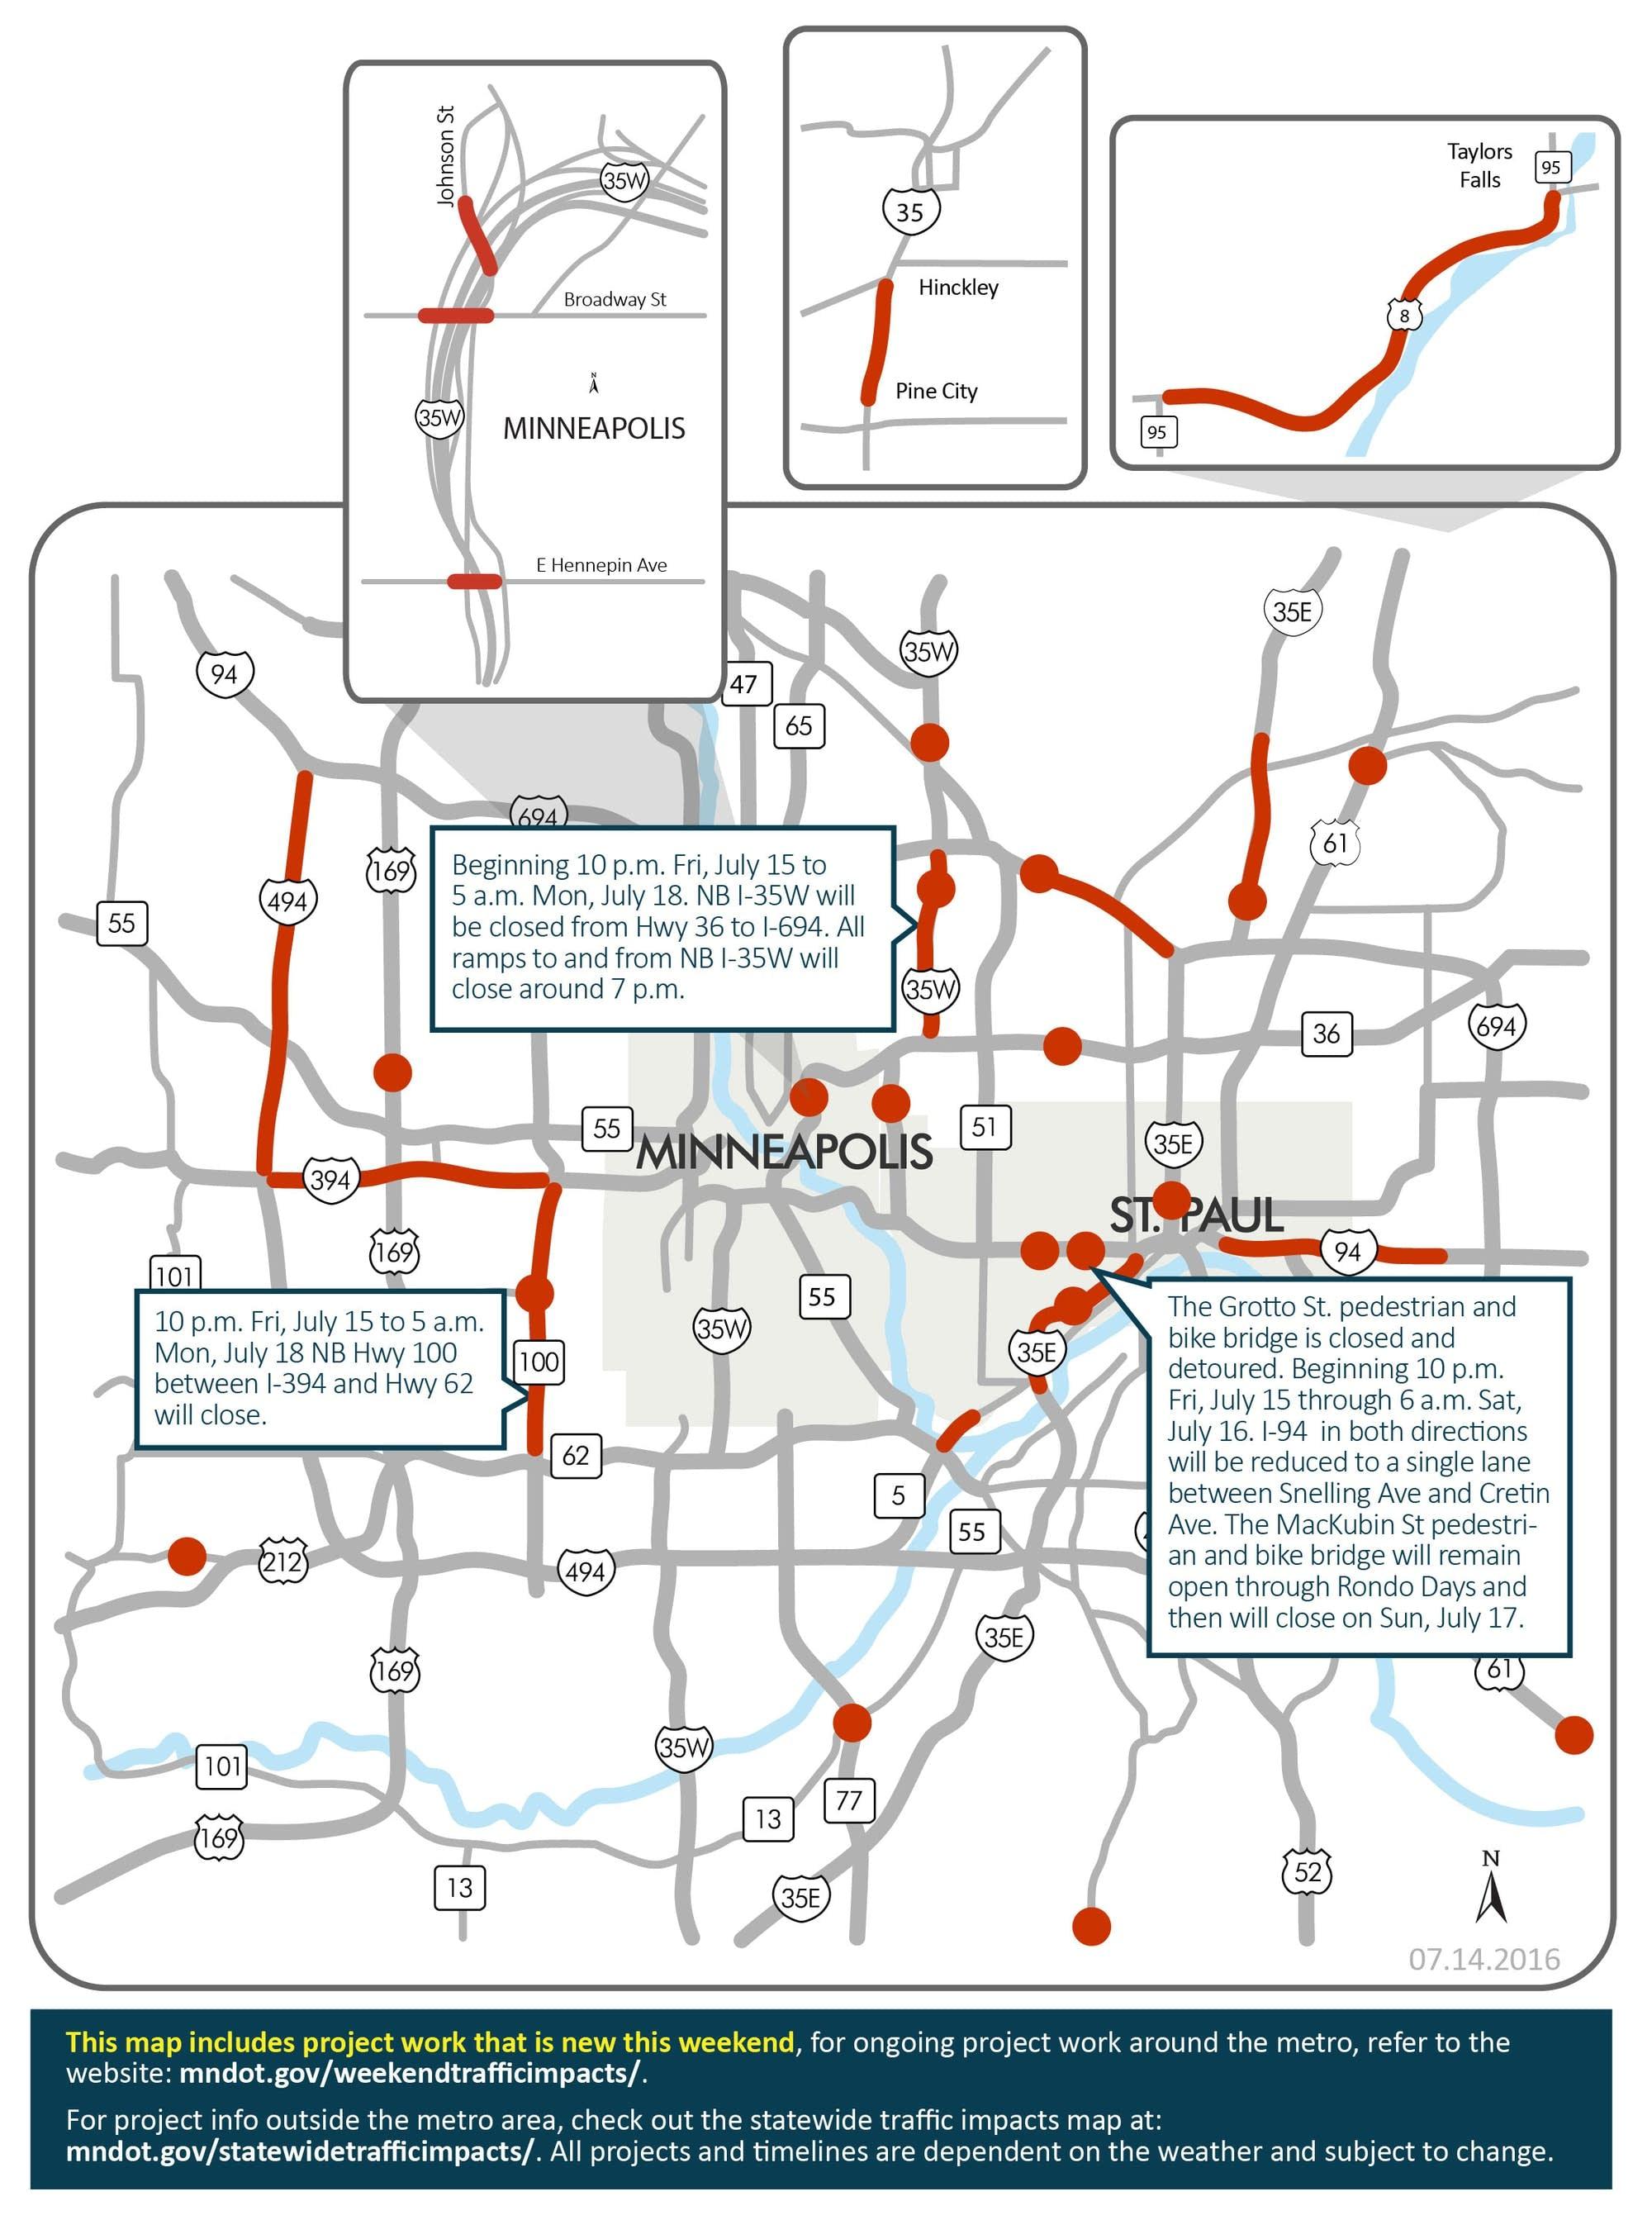 Highway 100 north, I-35W closures top weekend road woes